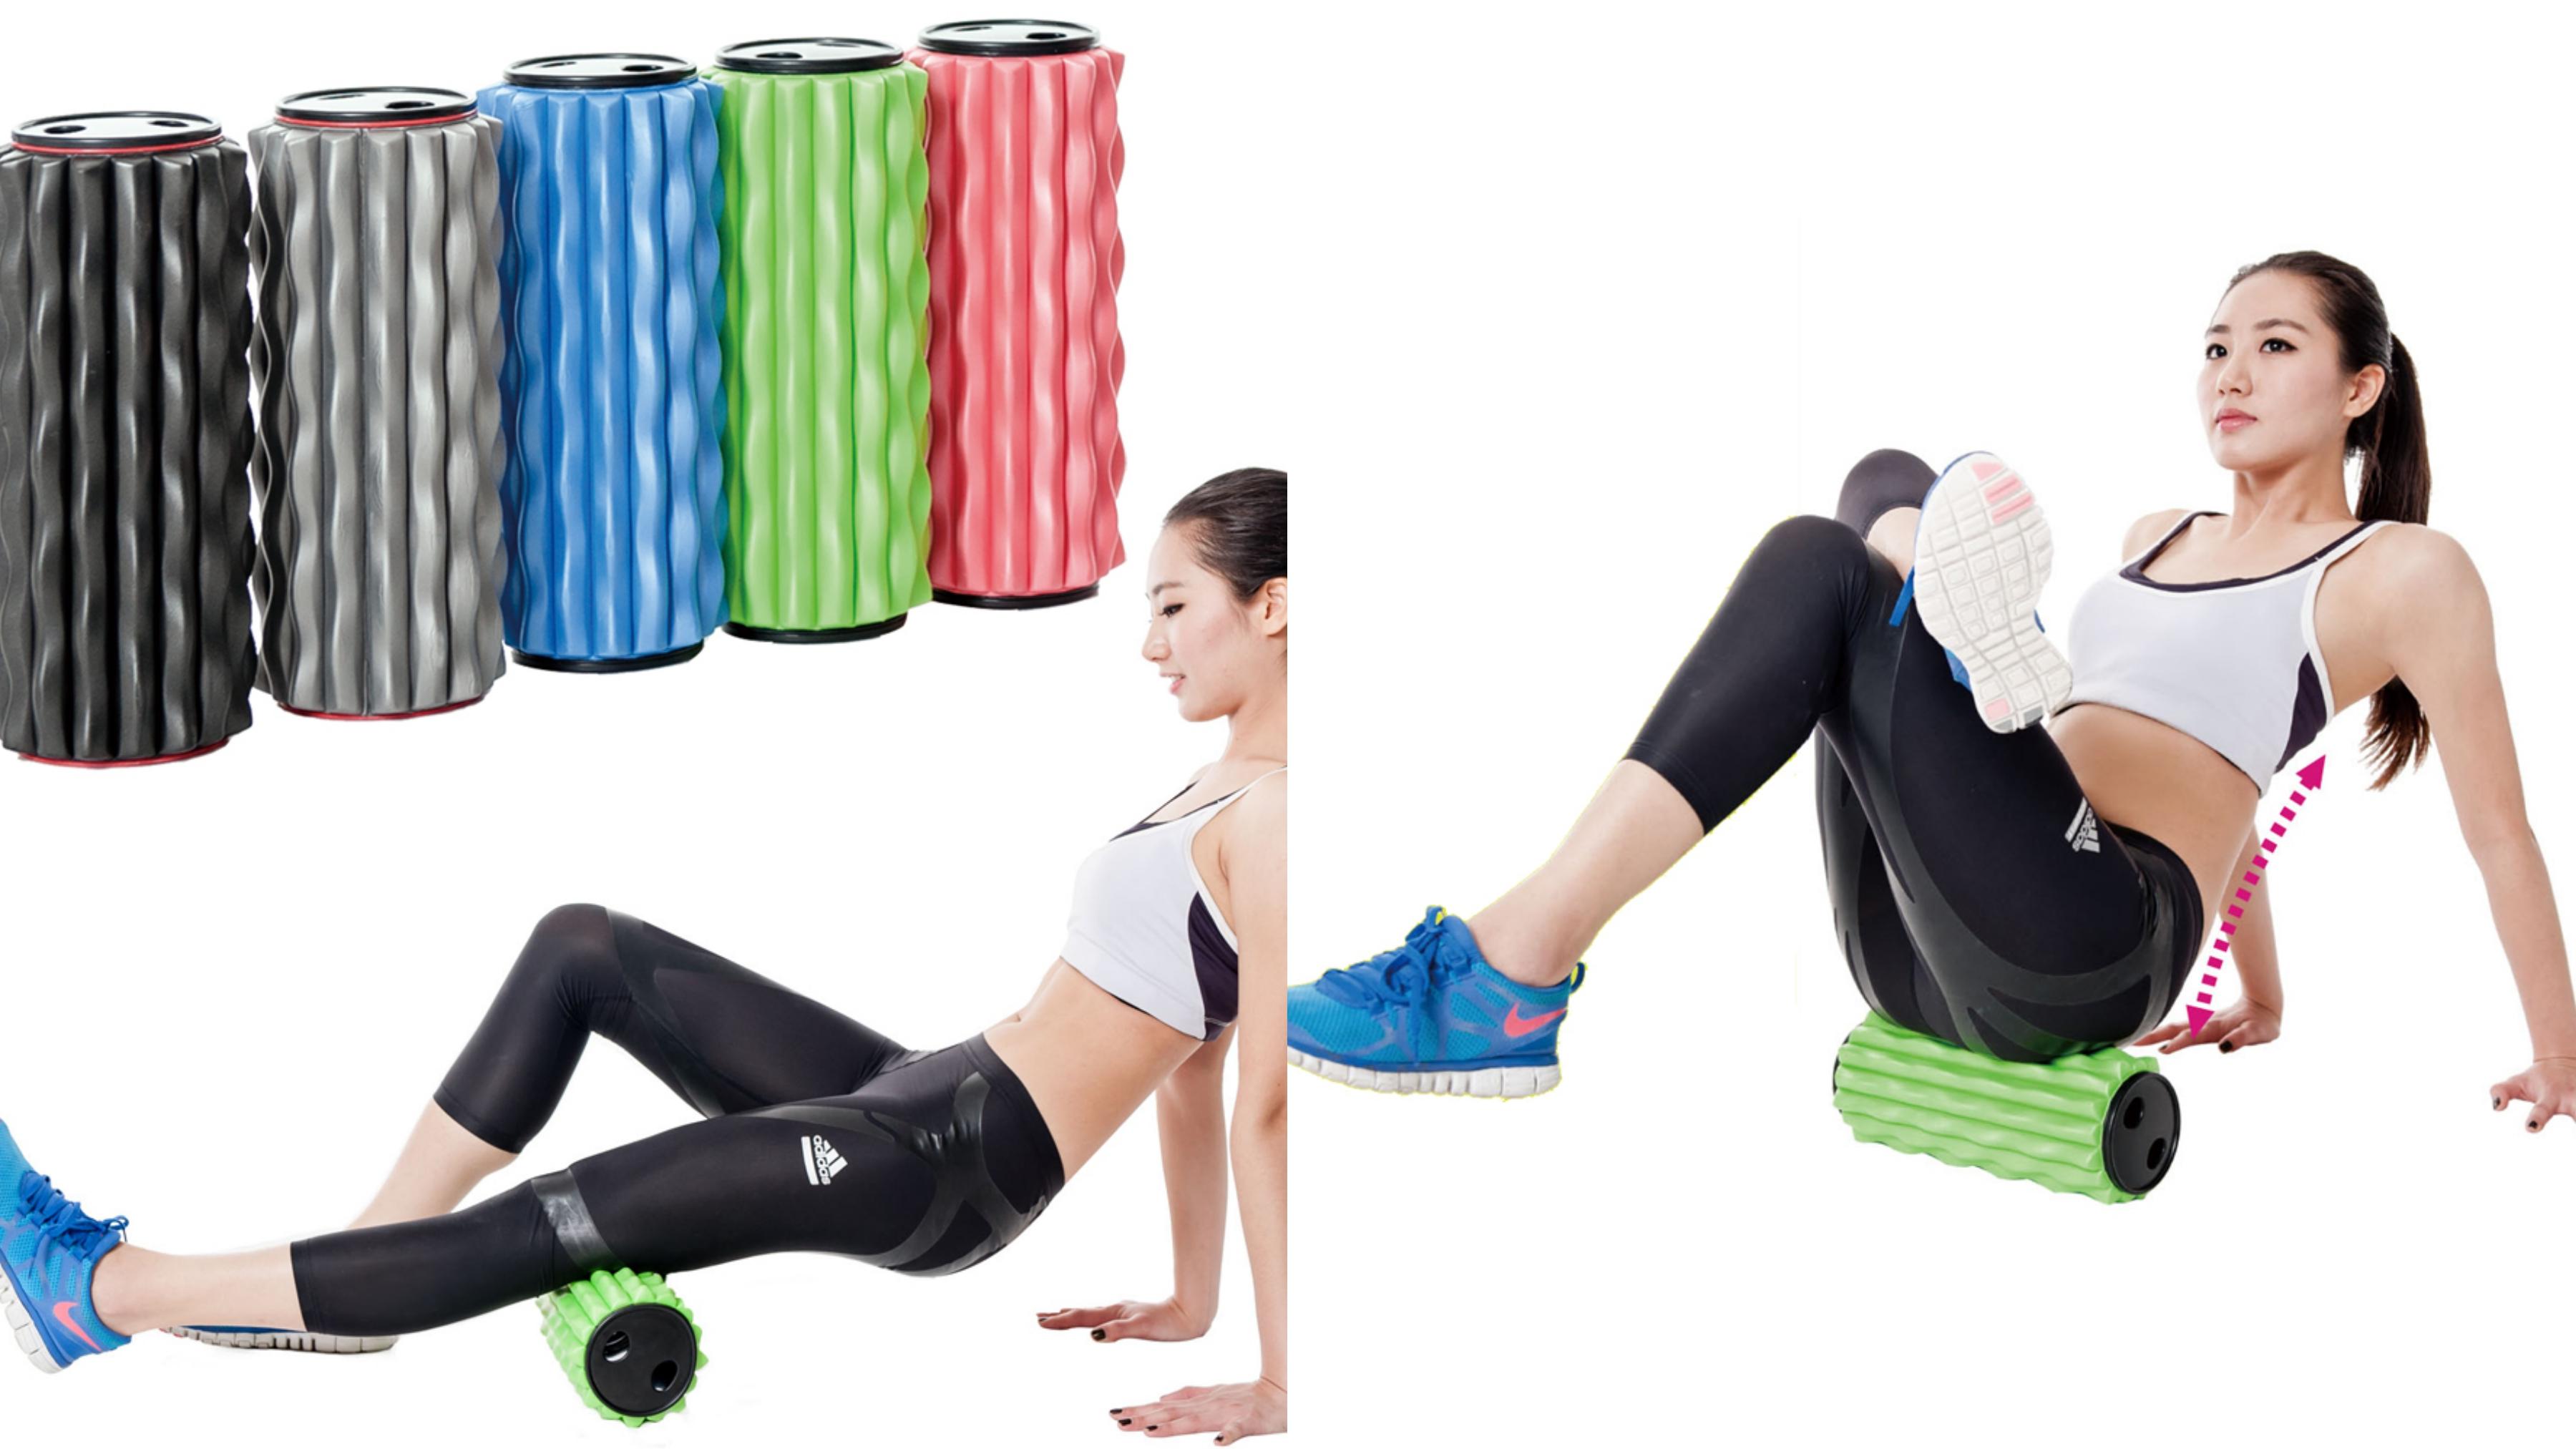 放鬆深層肌肉,加強核心力量,波浪交叉設計,EVA材質,安全無毒,彈性佳、輕量材質,攜帶方便